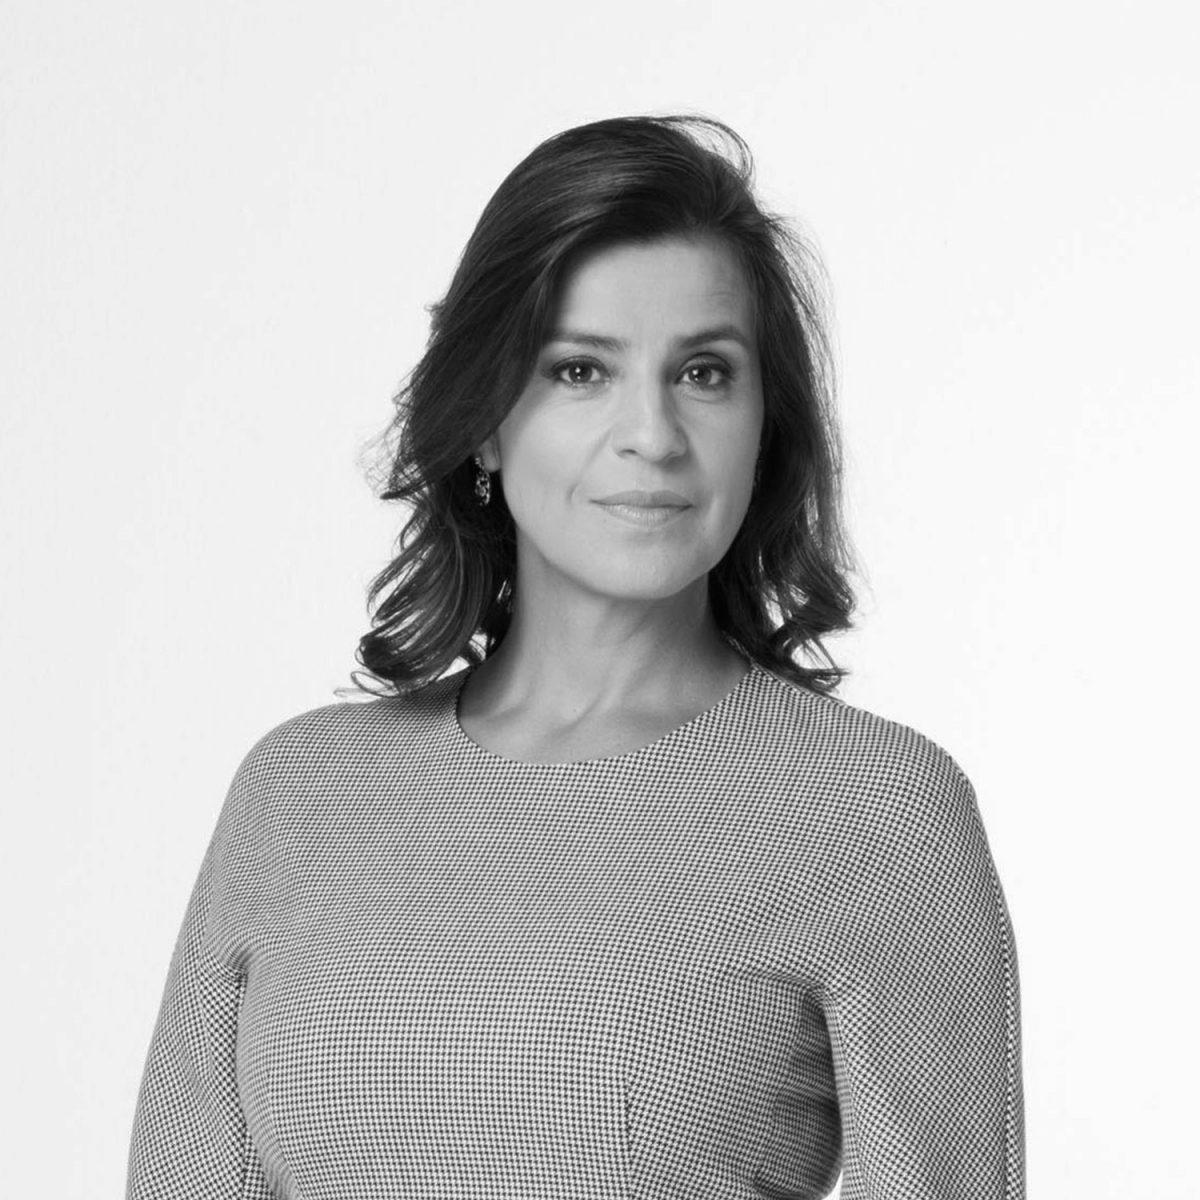 Clara Elvira Ospina